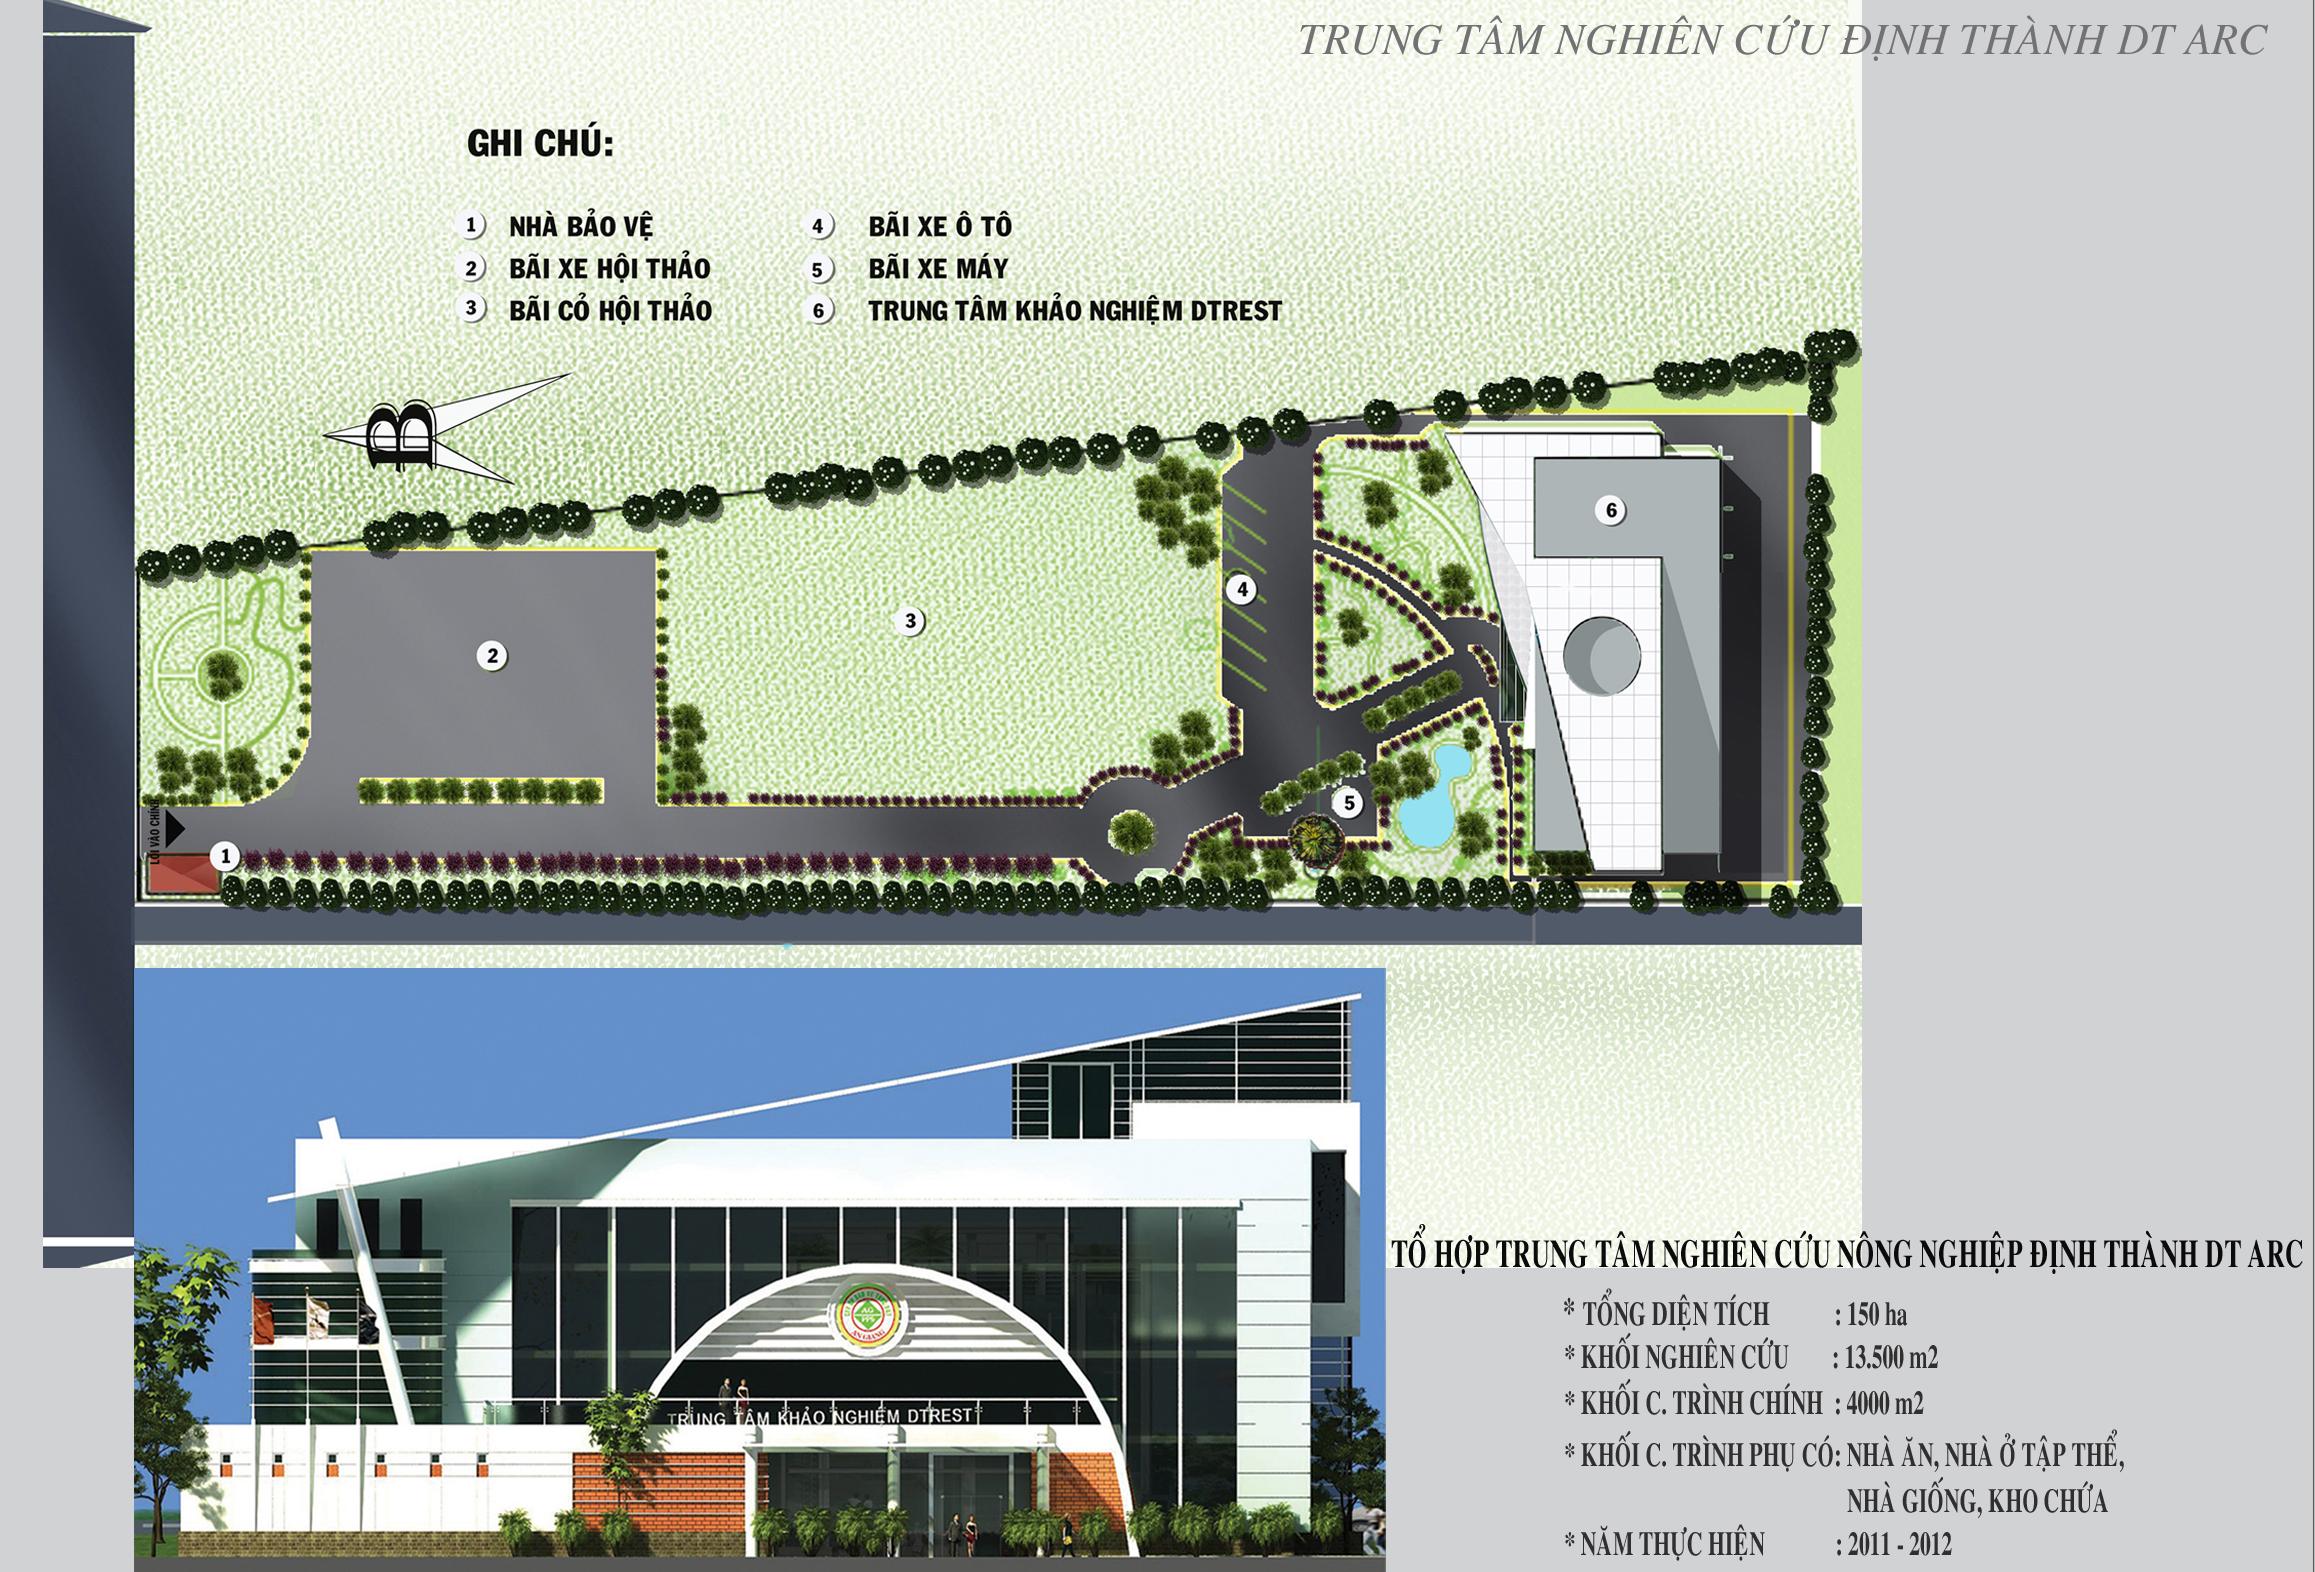 Trung tâm nghiên cứu nông nghiệp Định Thành DTARC